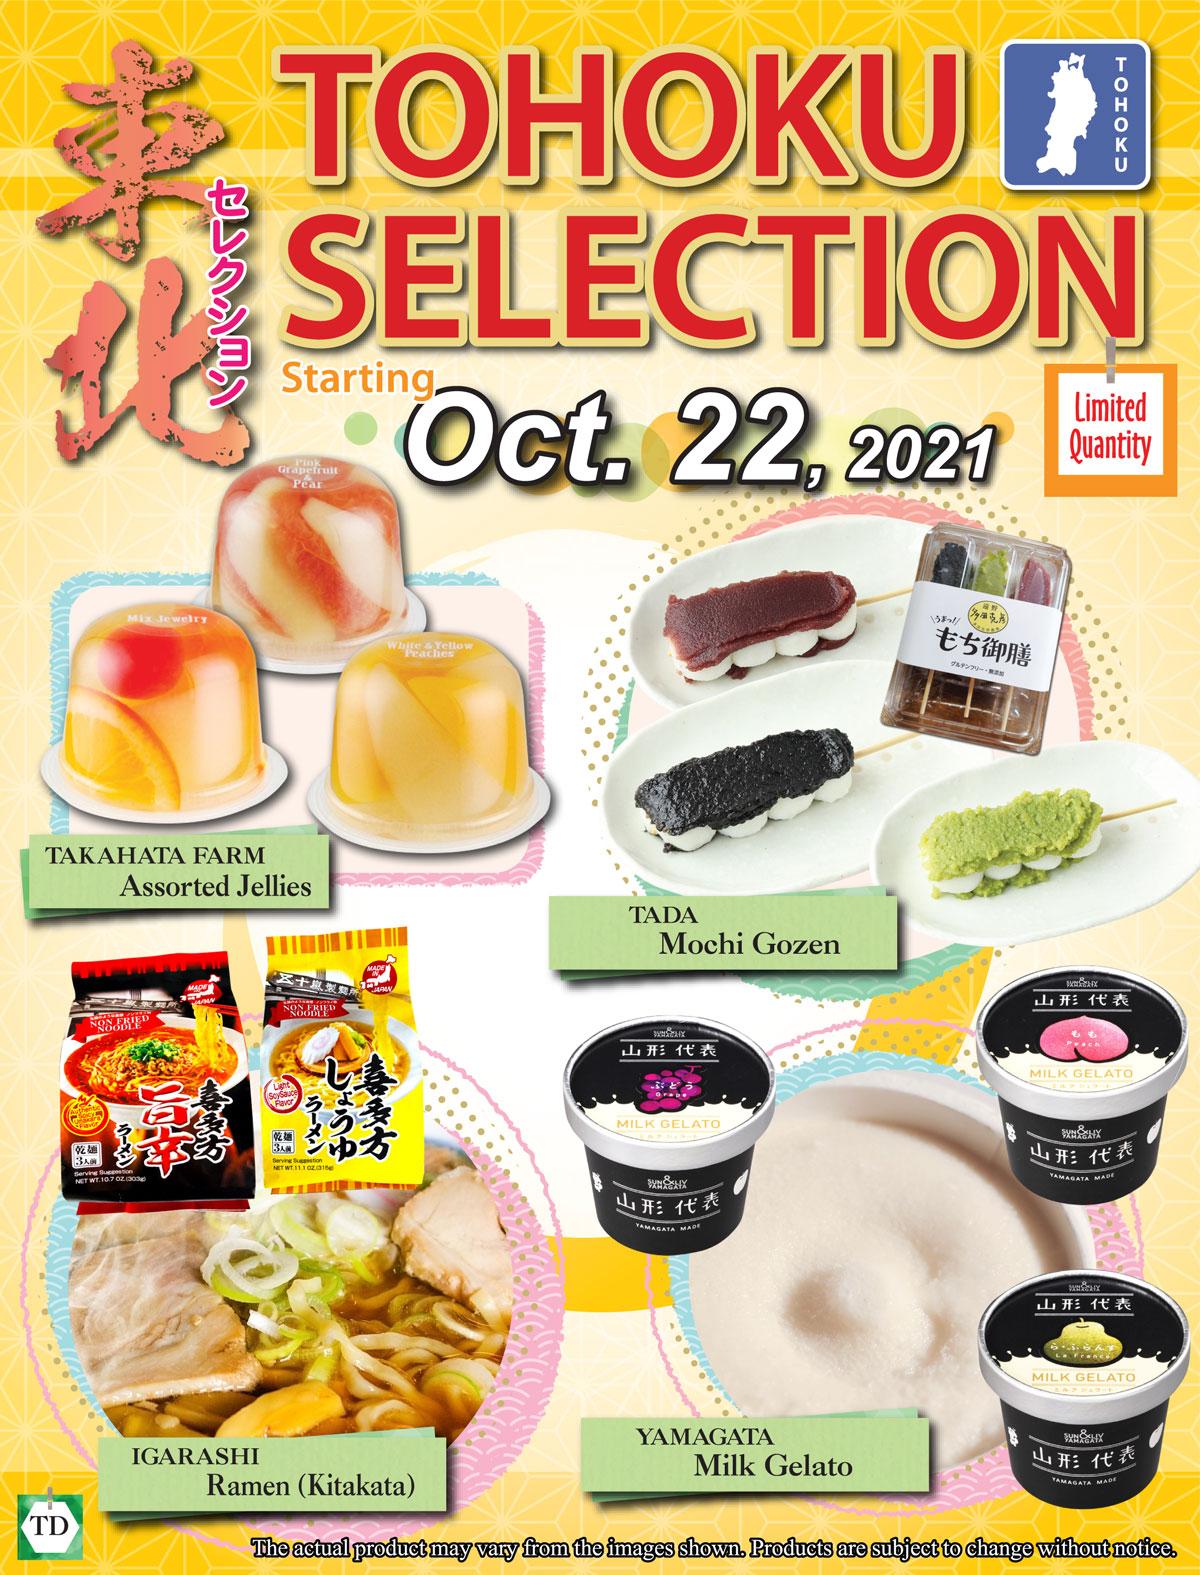 TOHOKU Selection